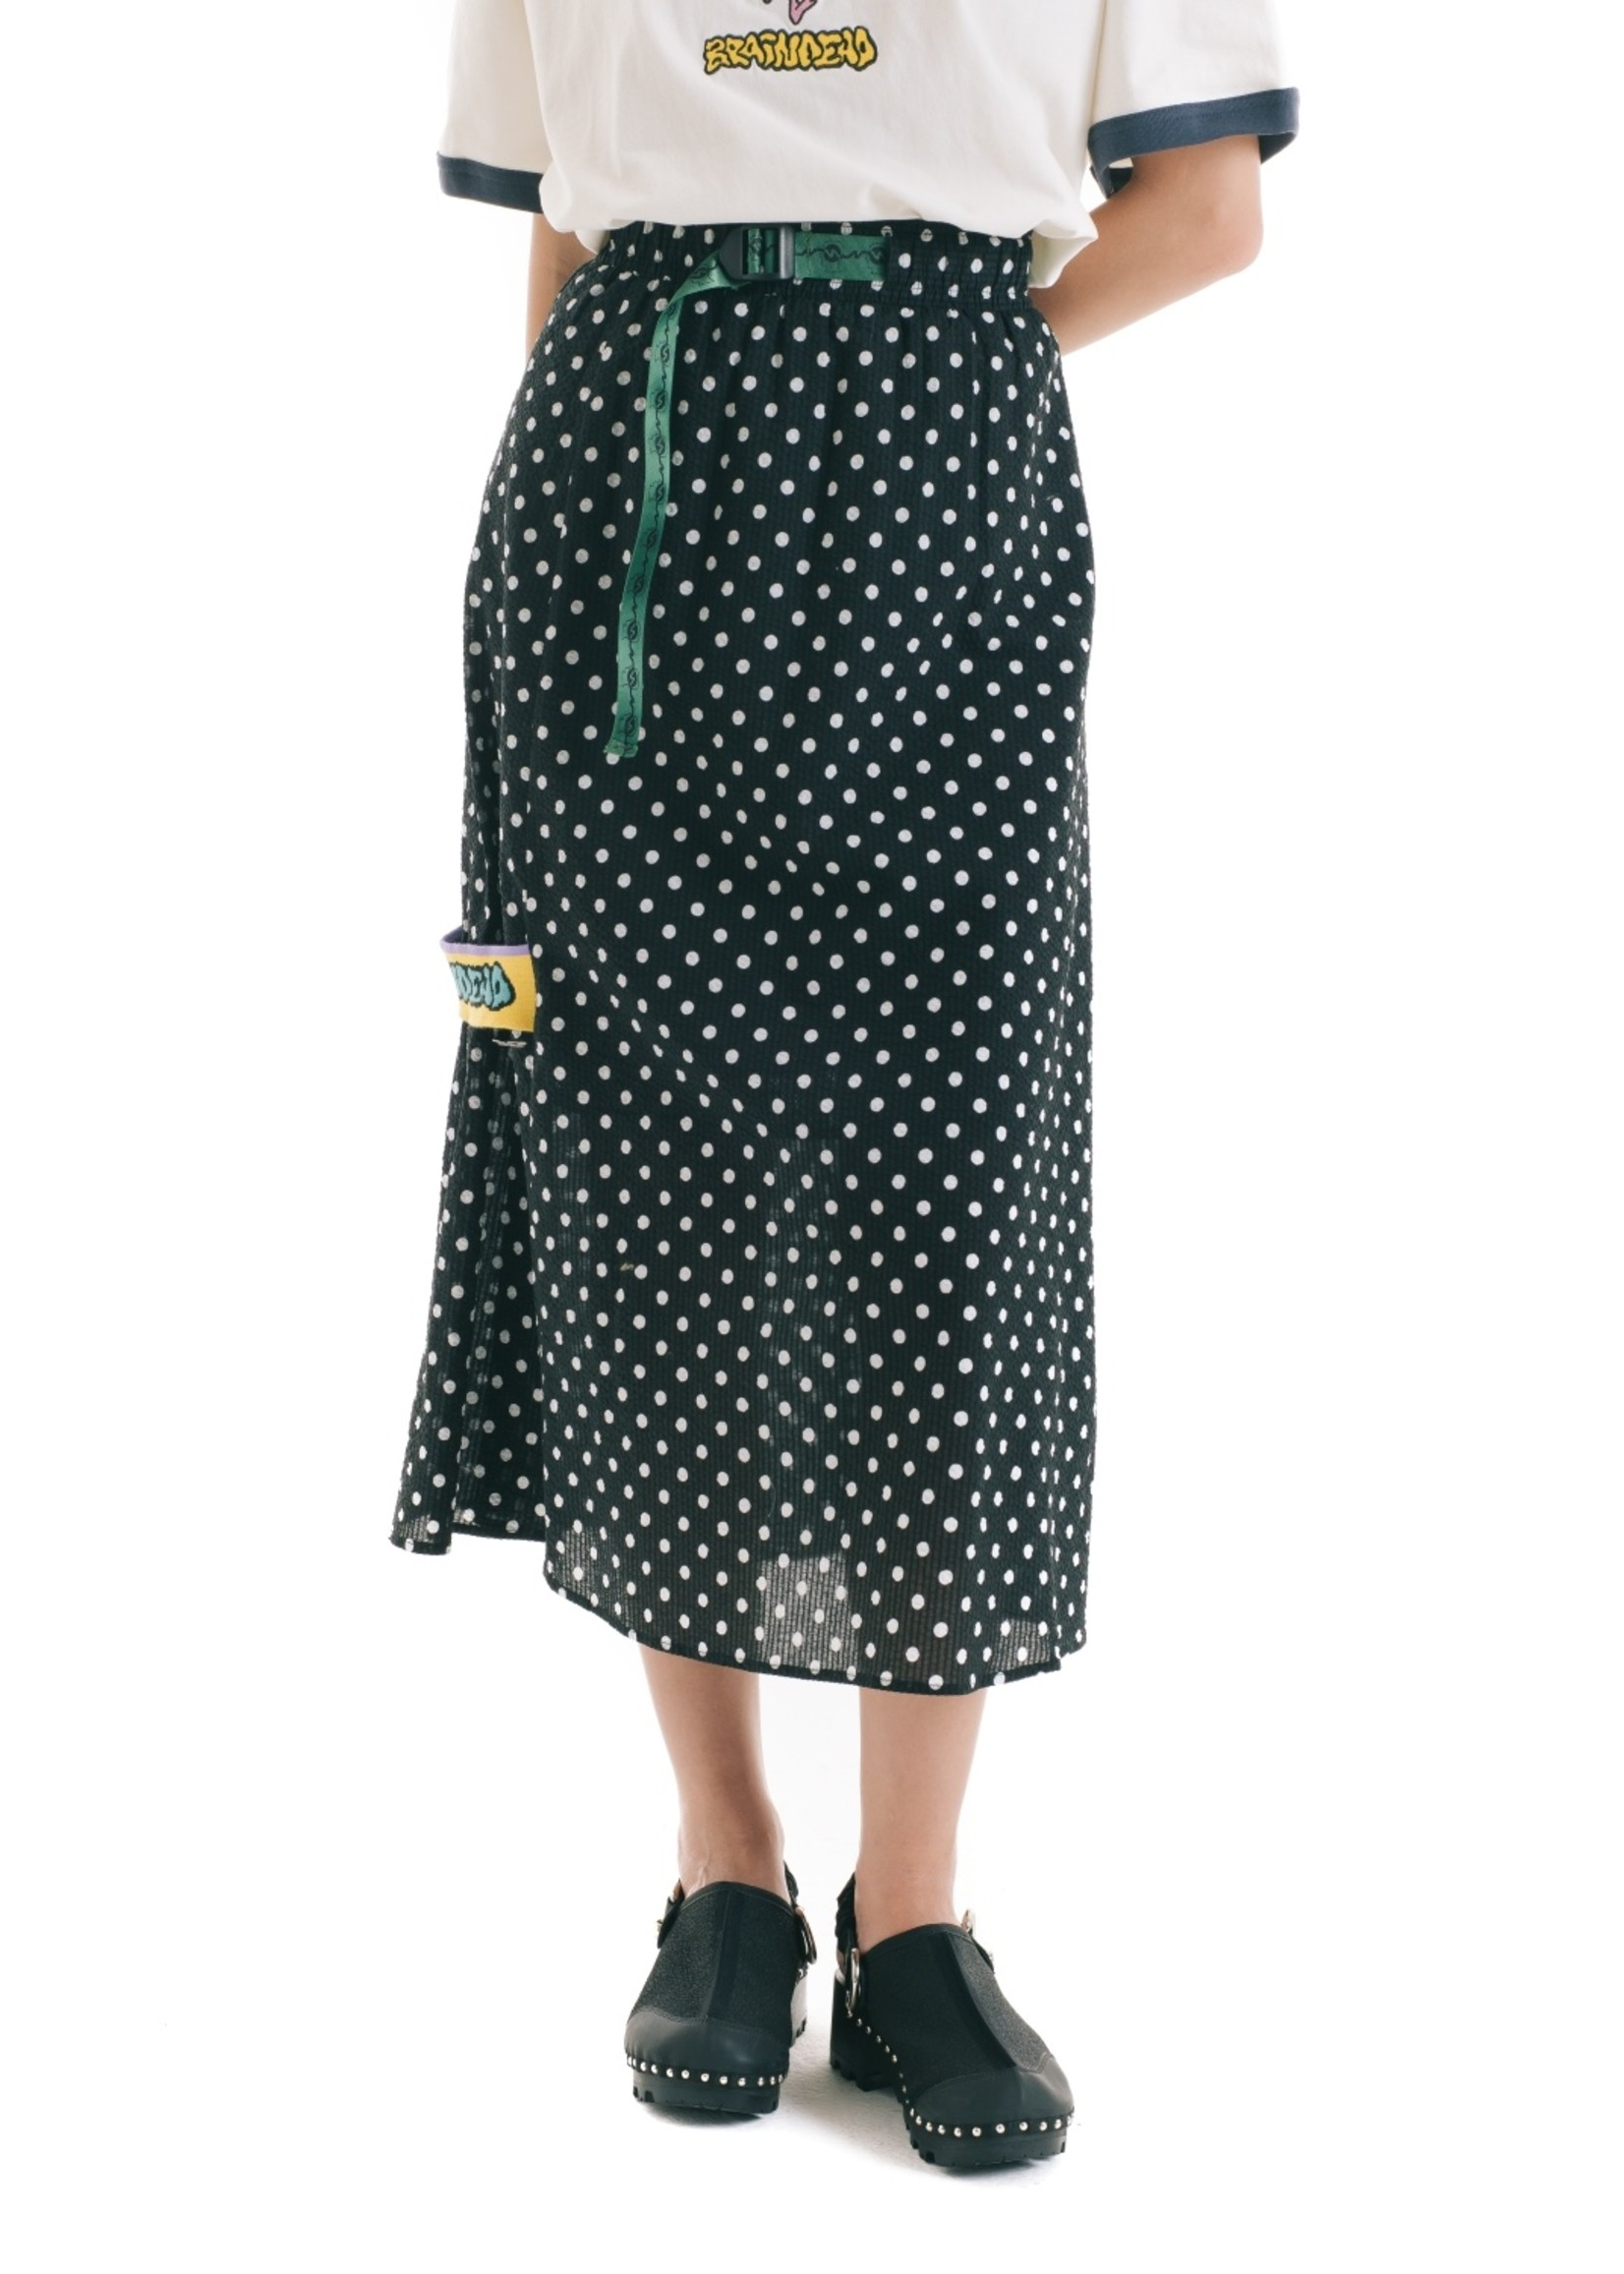 Brain Dead Long Panel Skirt with belt in Black and White Polka Dot